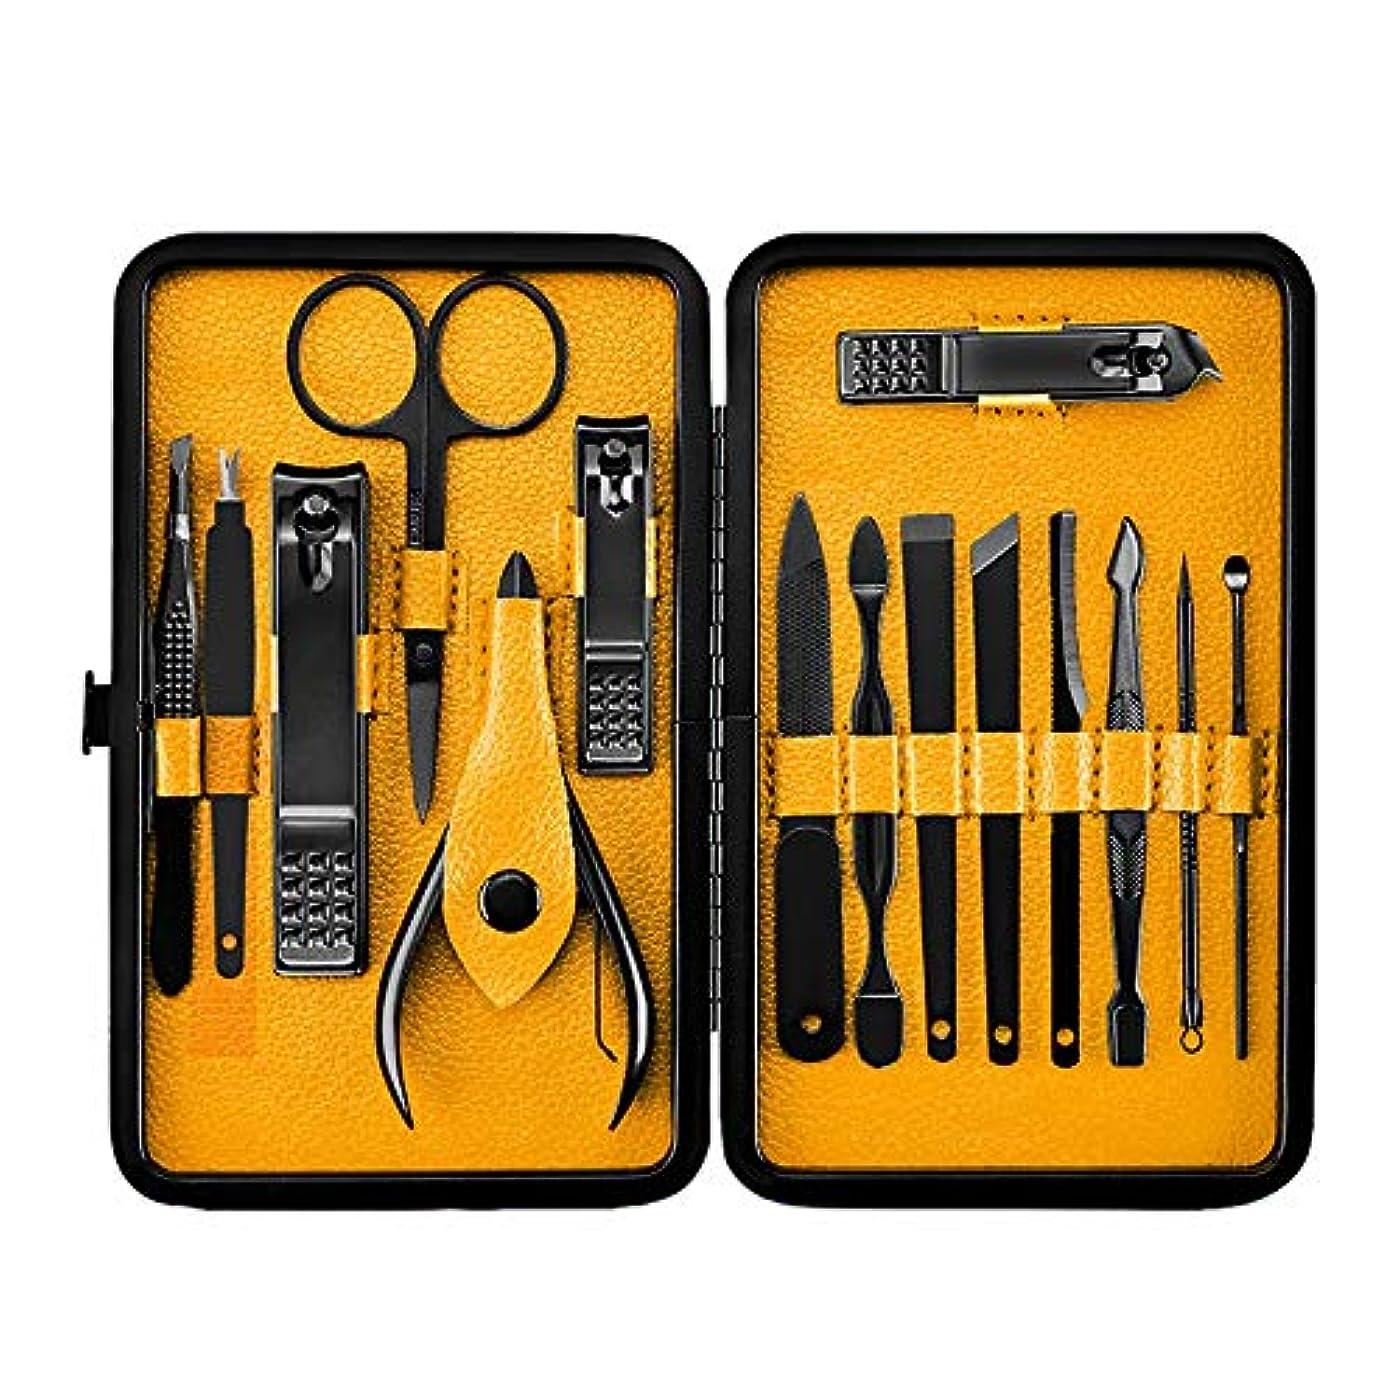 争い早める丁寧RETYLY 15ピース、プロフェッショナル、マニキュア、ステンレス鋼製ネイルのクリッパー、爪切り、はさみのセット、キット、マニキュアのセット、ネイルのツール、ネイルアートのツール